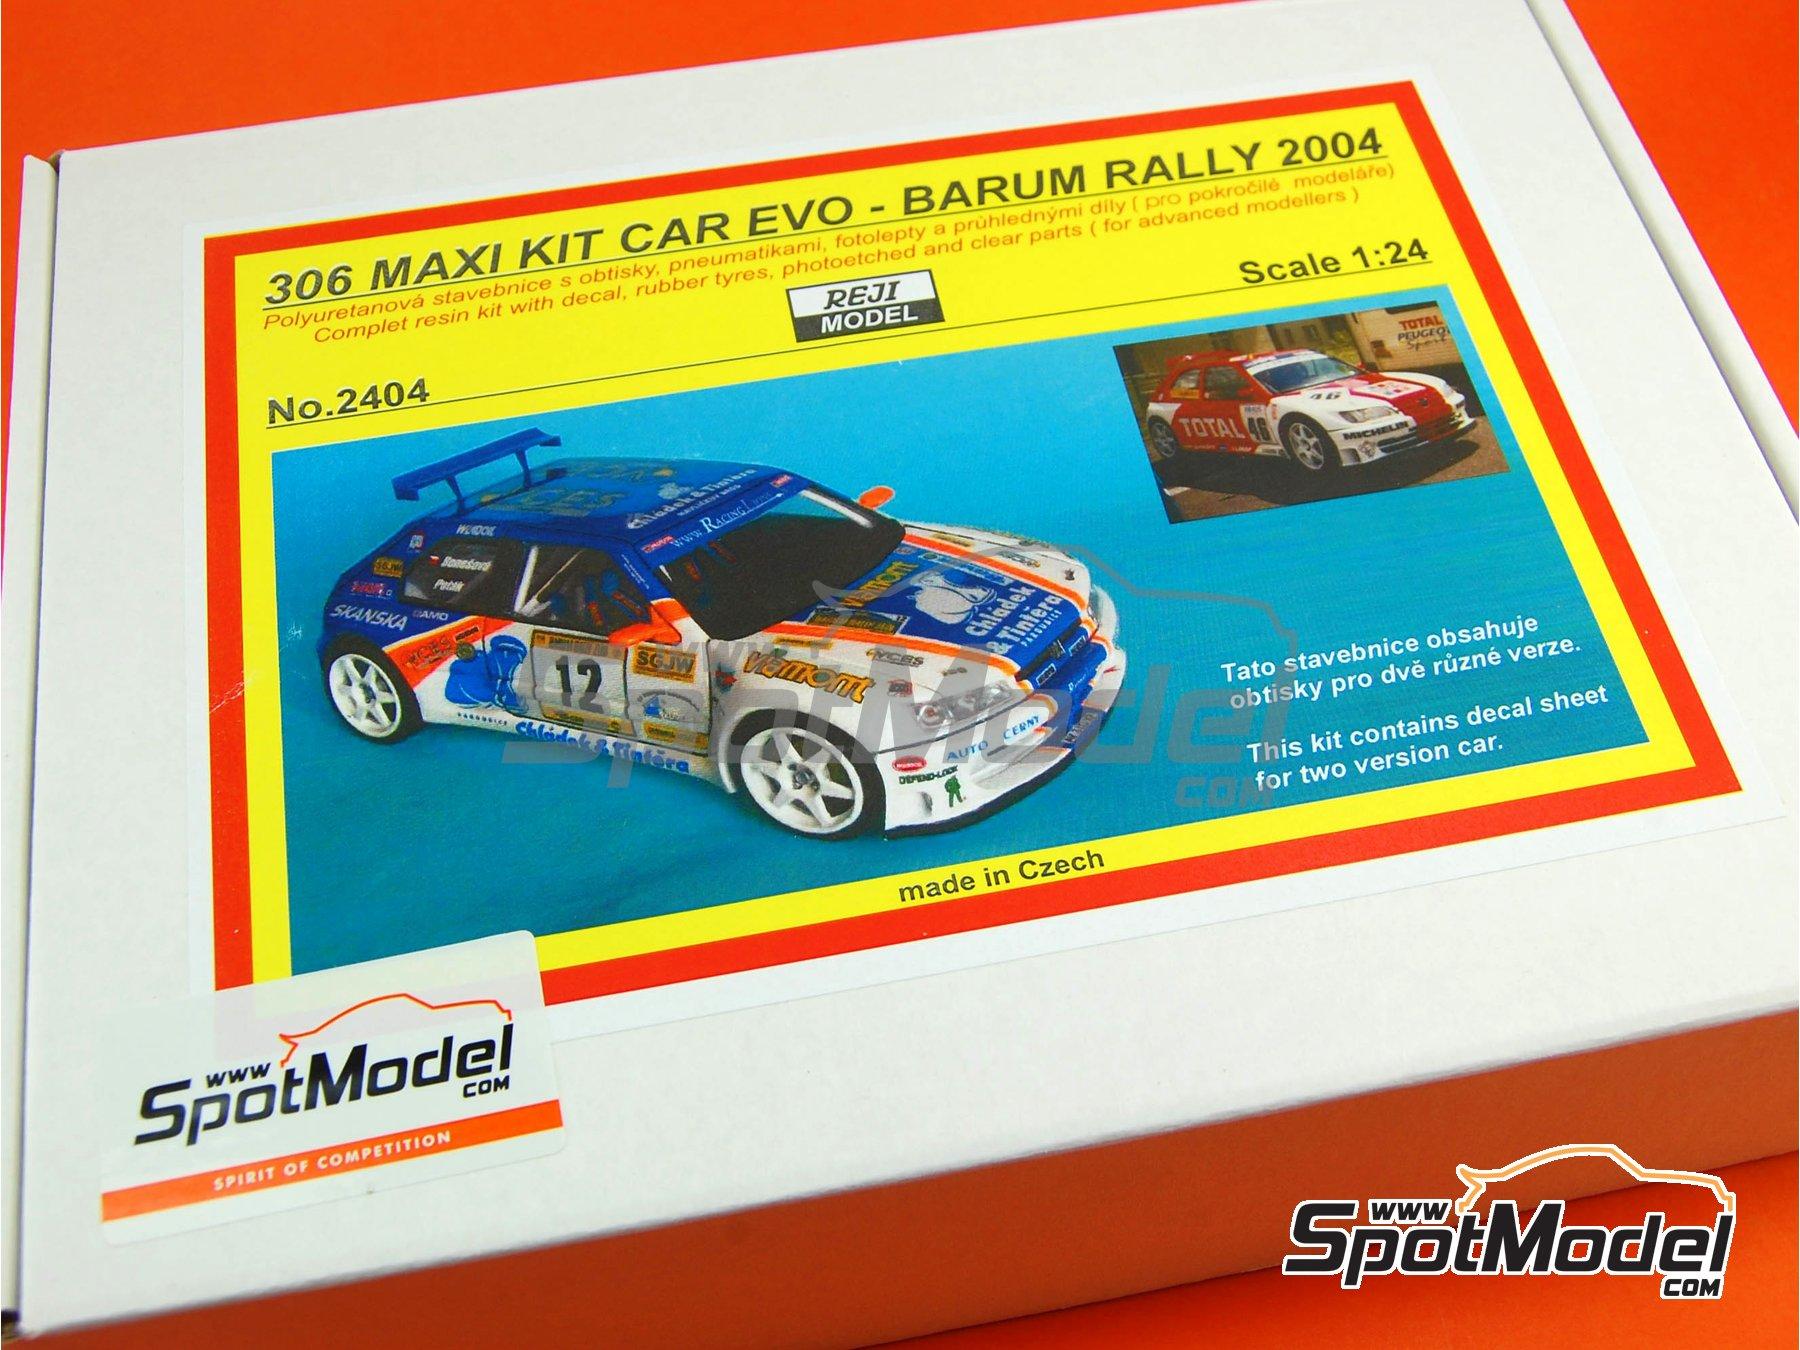 Image 5: Peugeot 306 Maxi Kit Car Evo Total - Rally Barum de la Republica Checa 2004 | Maqueta de coche en escala1/24 fabricado por Reji Model (ref.REJI-2404, tambien 2404)